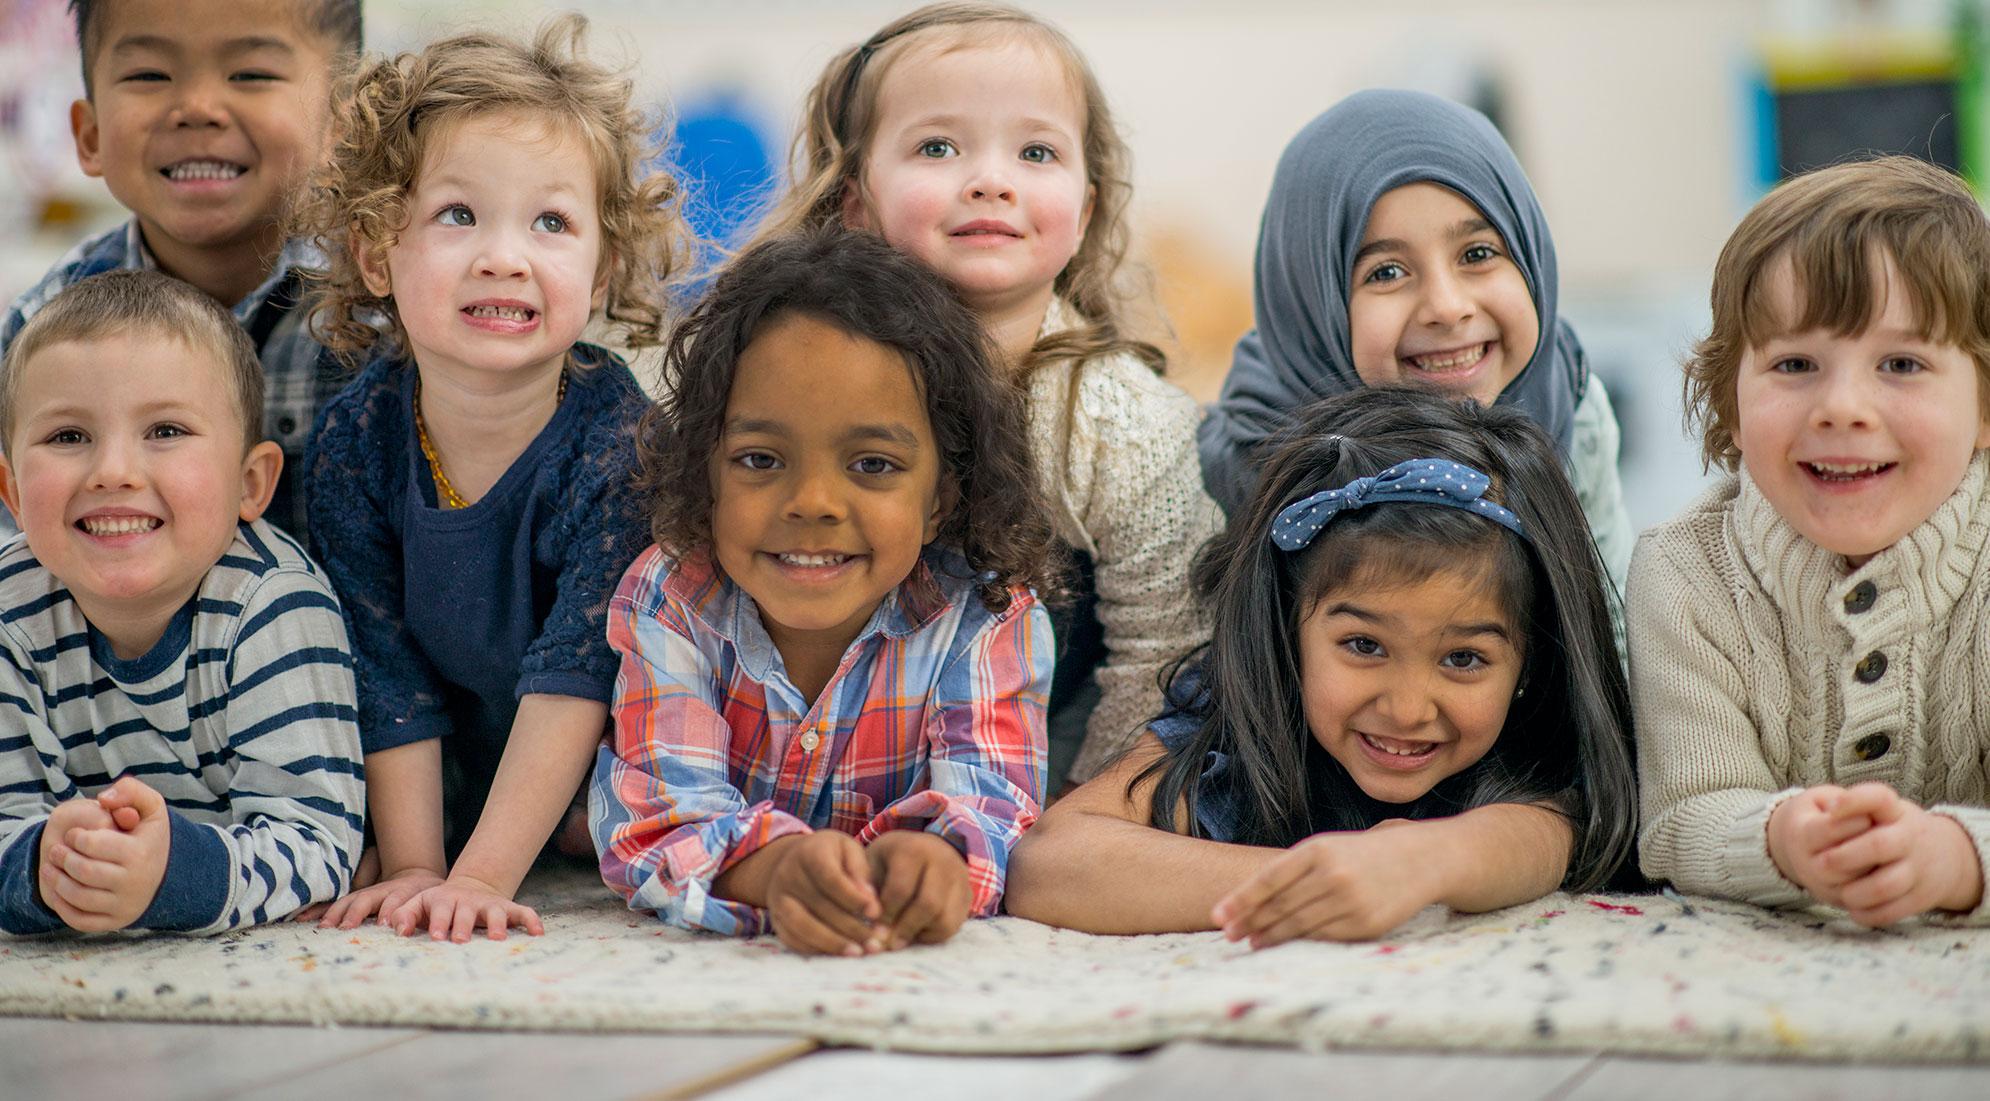 group of children in preschool